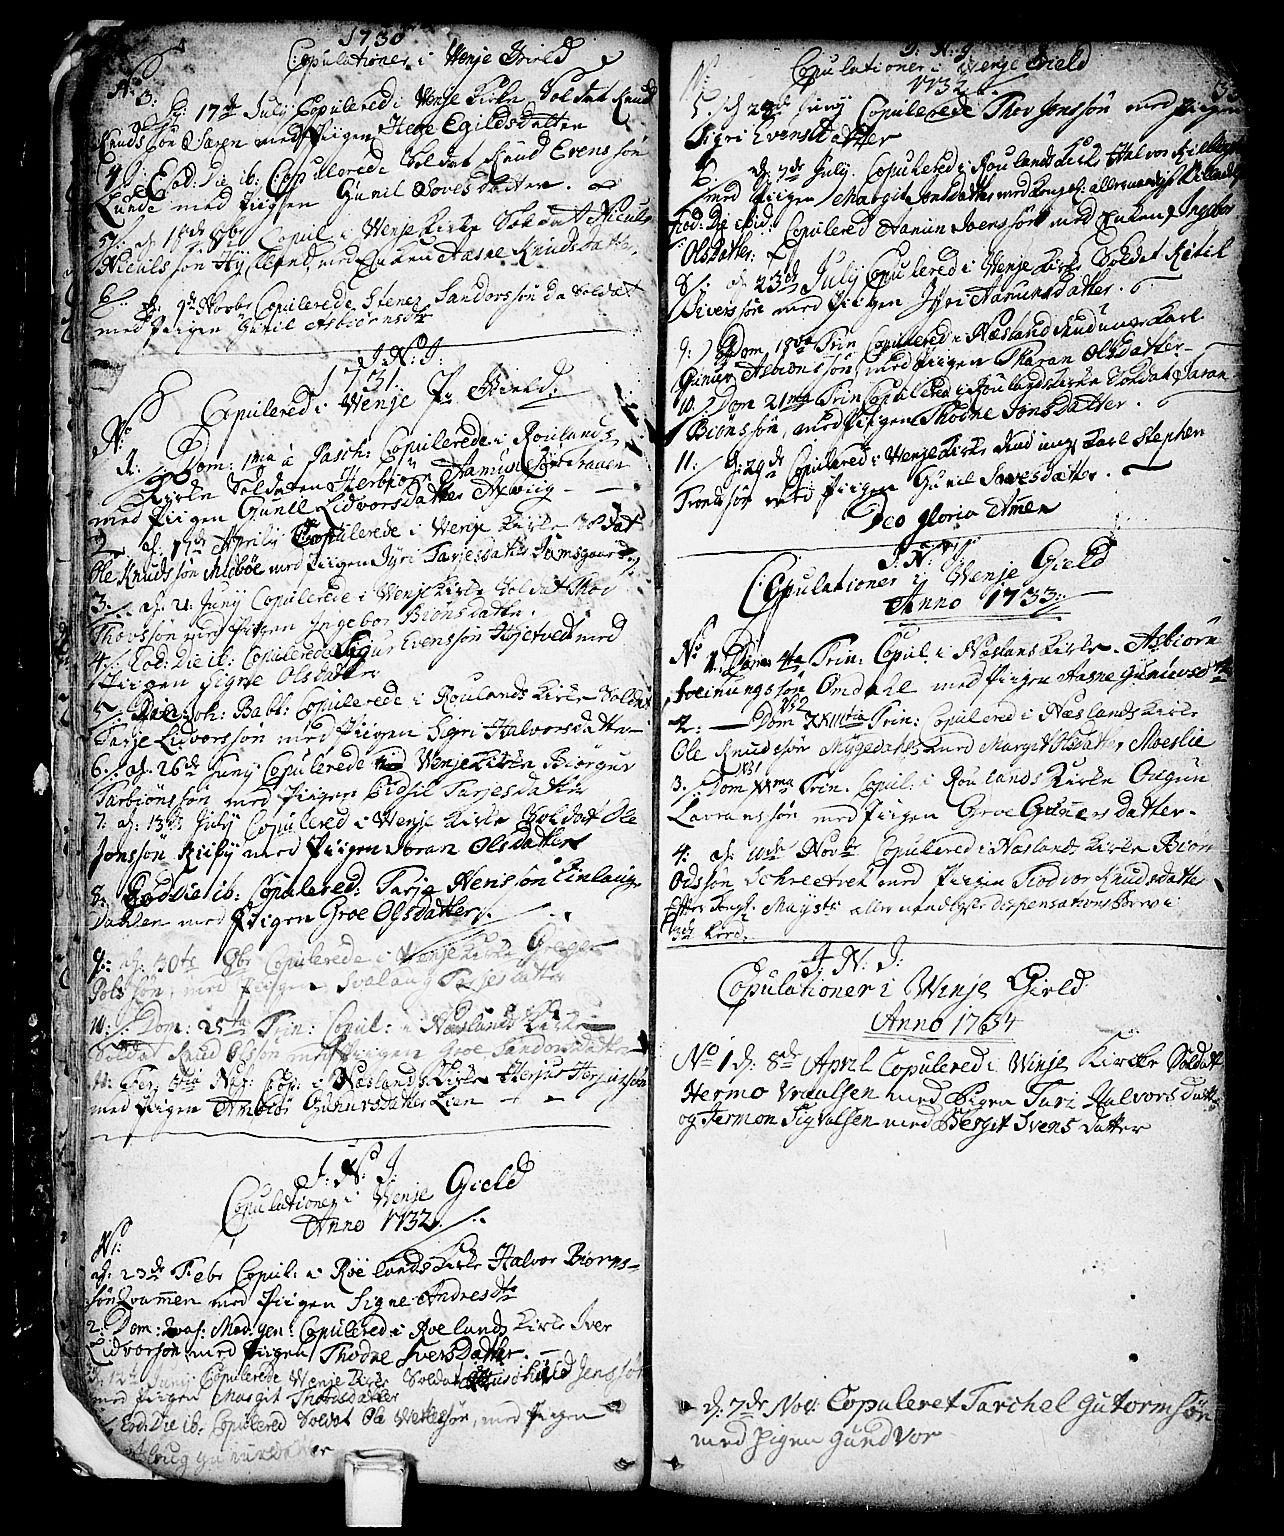 SAKO, Vinje kirkebøker, F/Fa/L0001: Ministerialbok nr. I 1, 1717-1766, s. 33